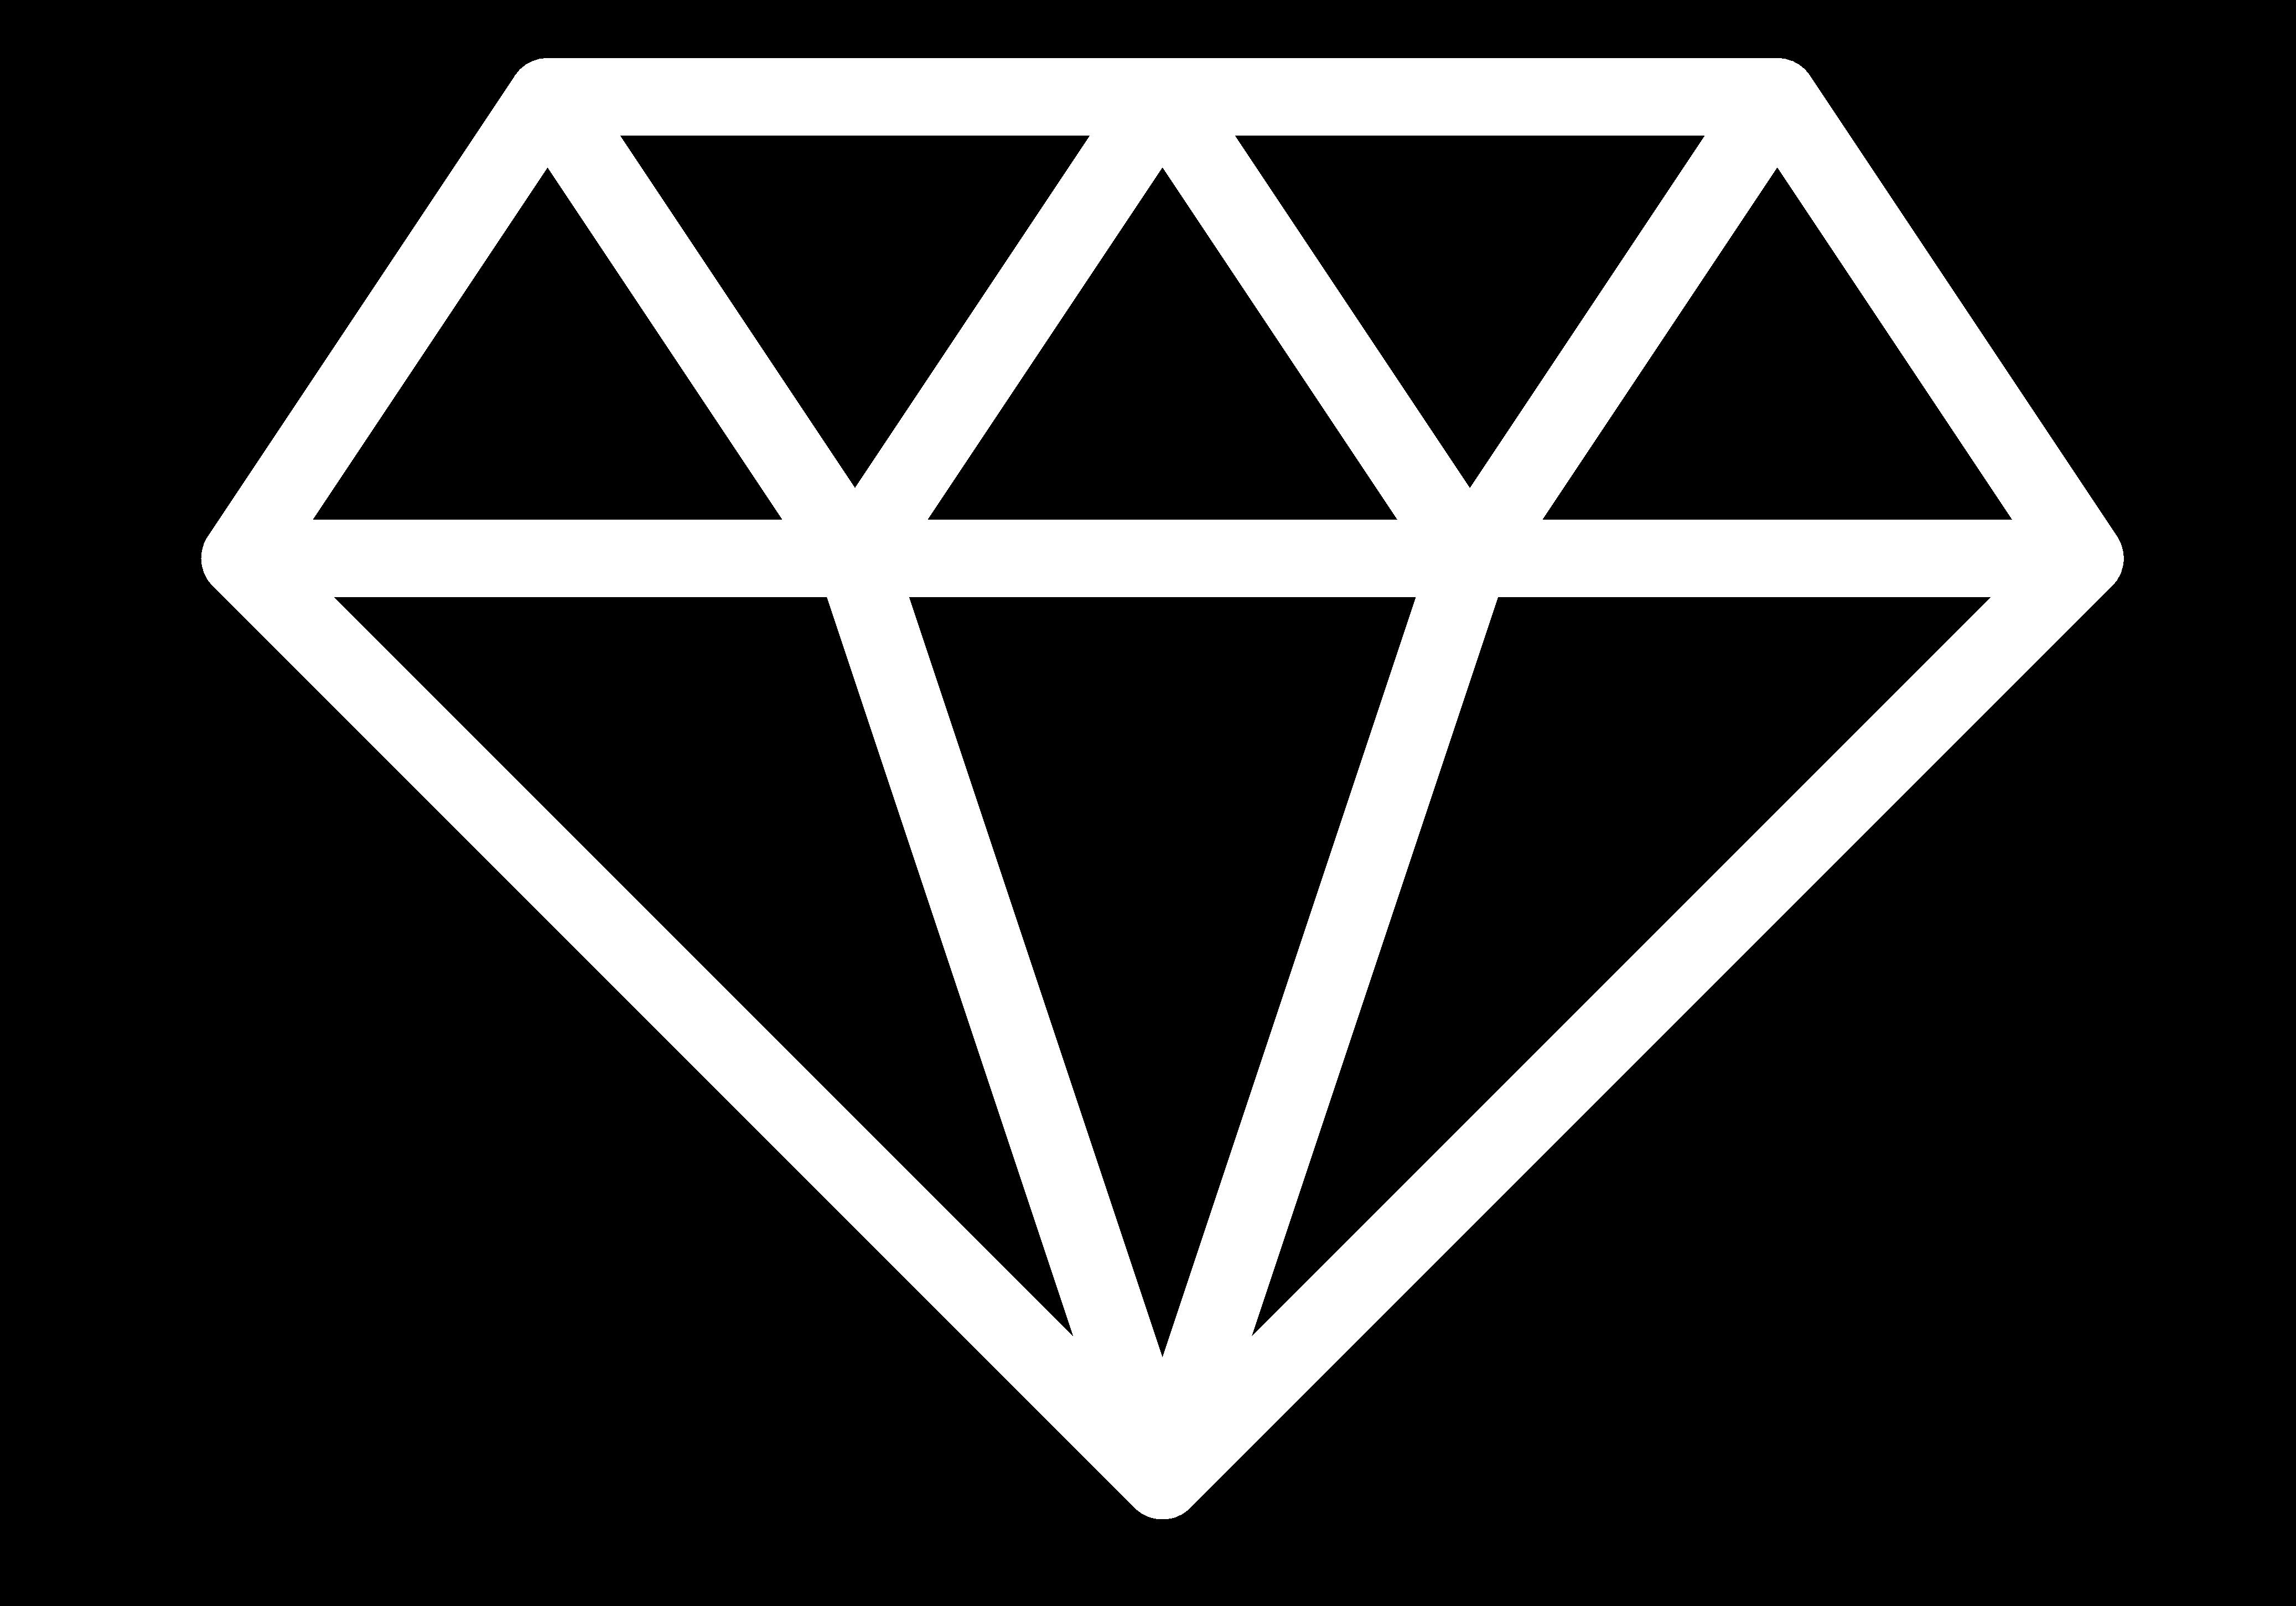 Diamant weiß hochauflösend